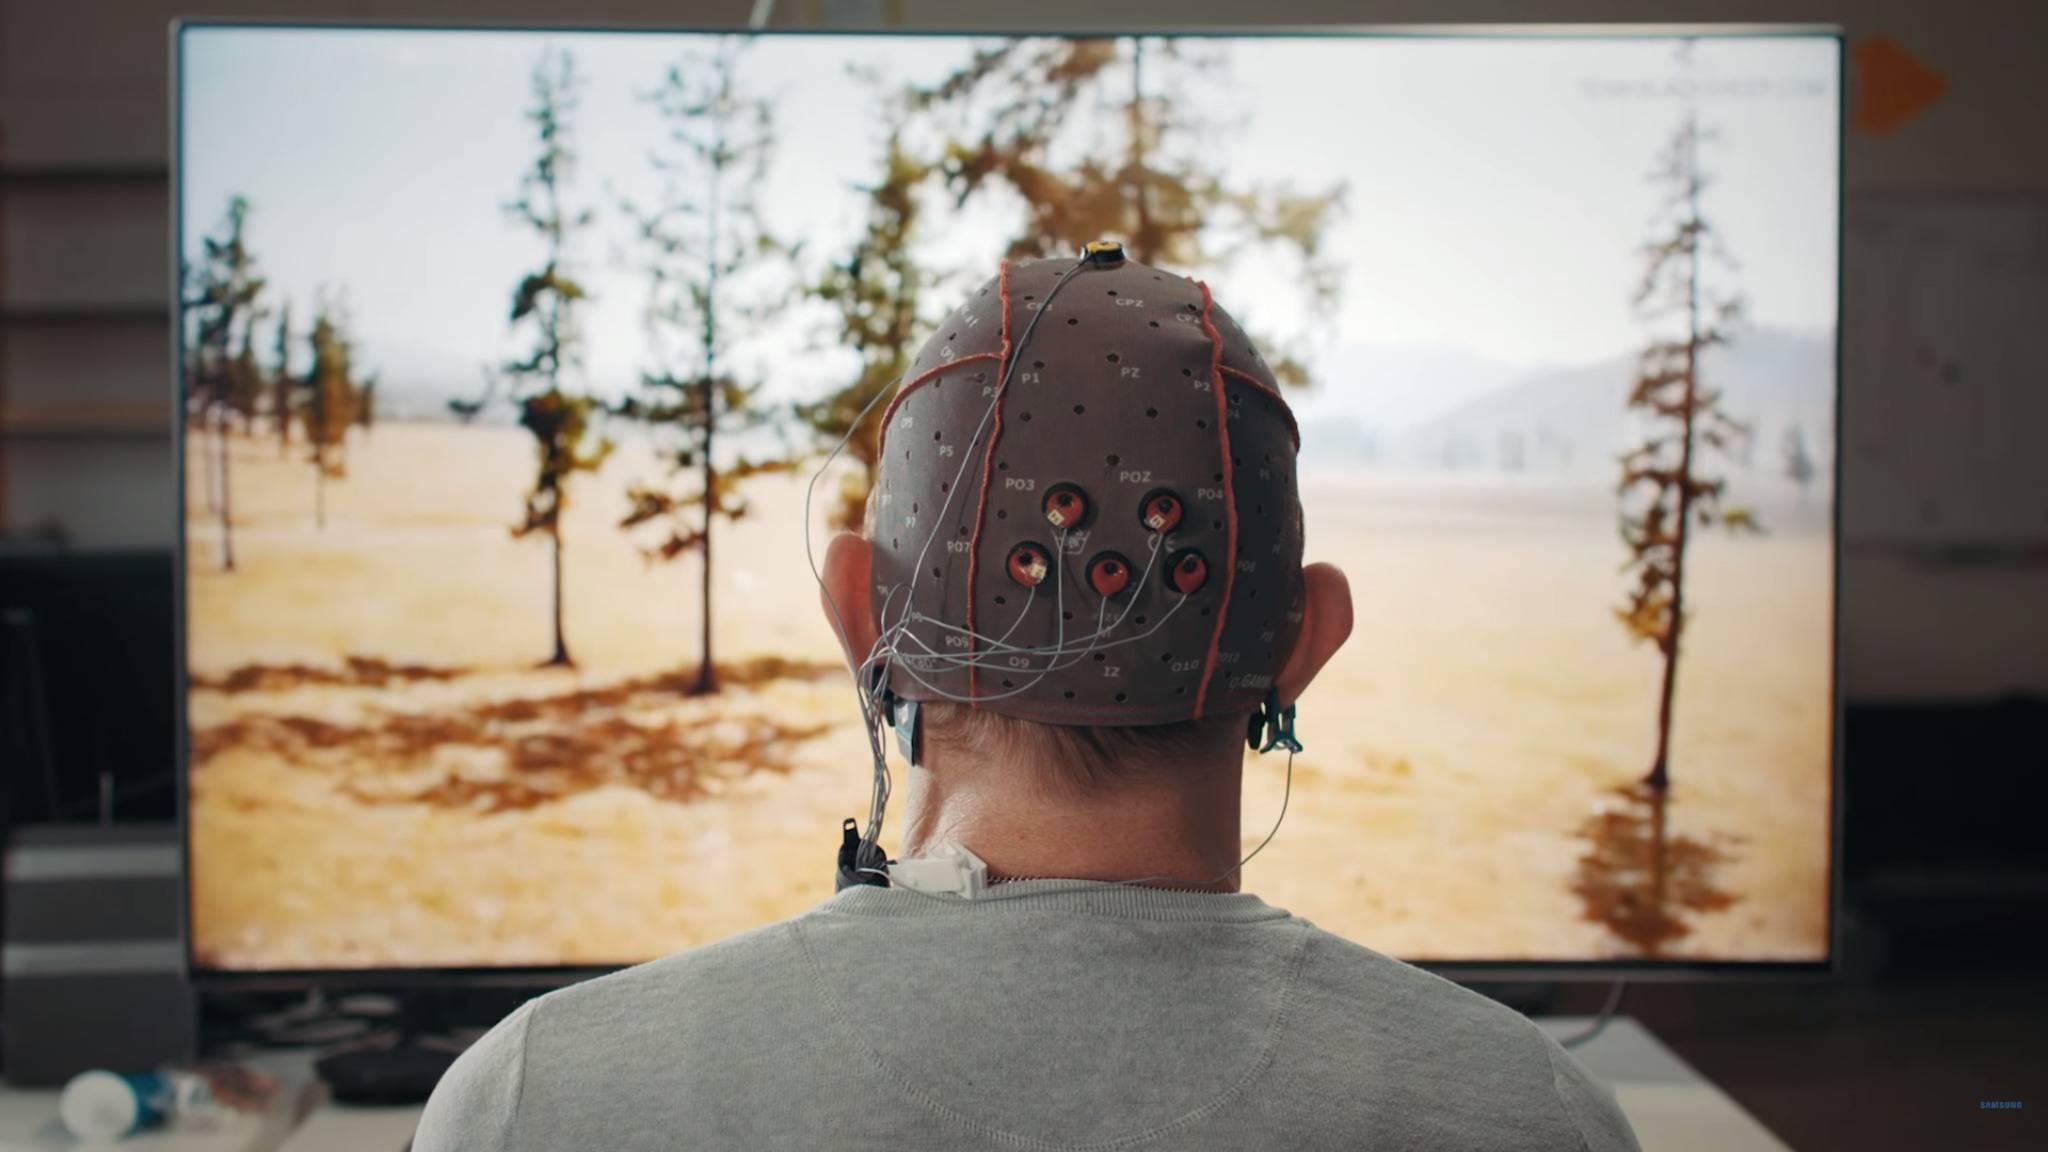 Dank Project Pontis lassen sich TVs mit Gehirnwellen steuern.